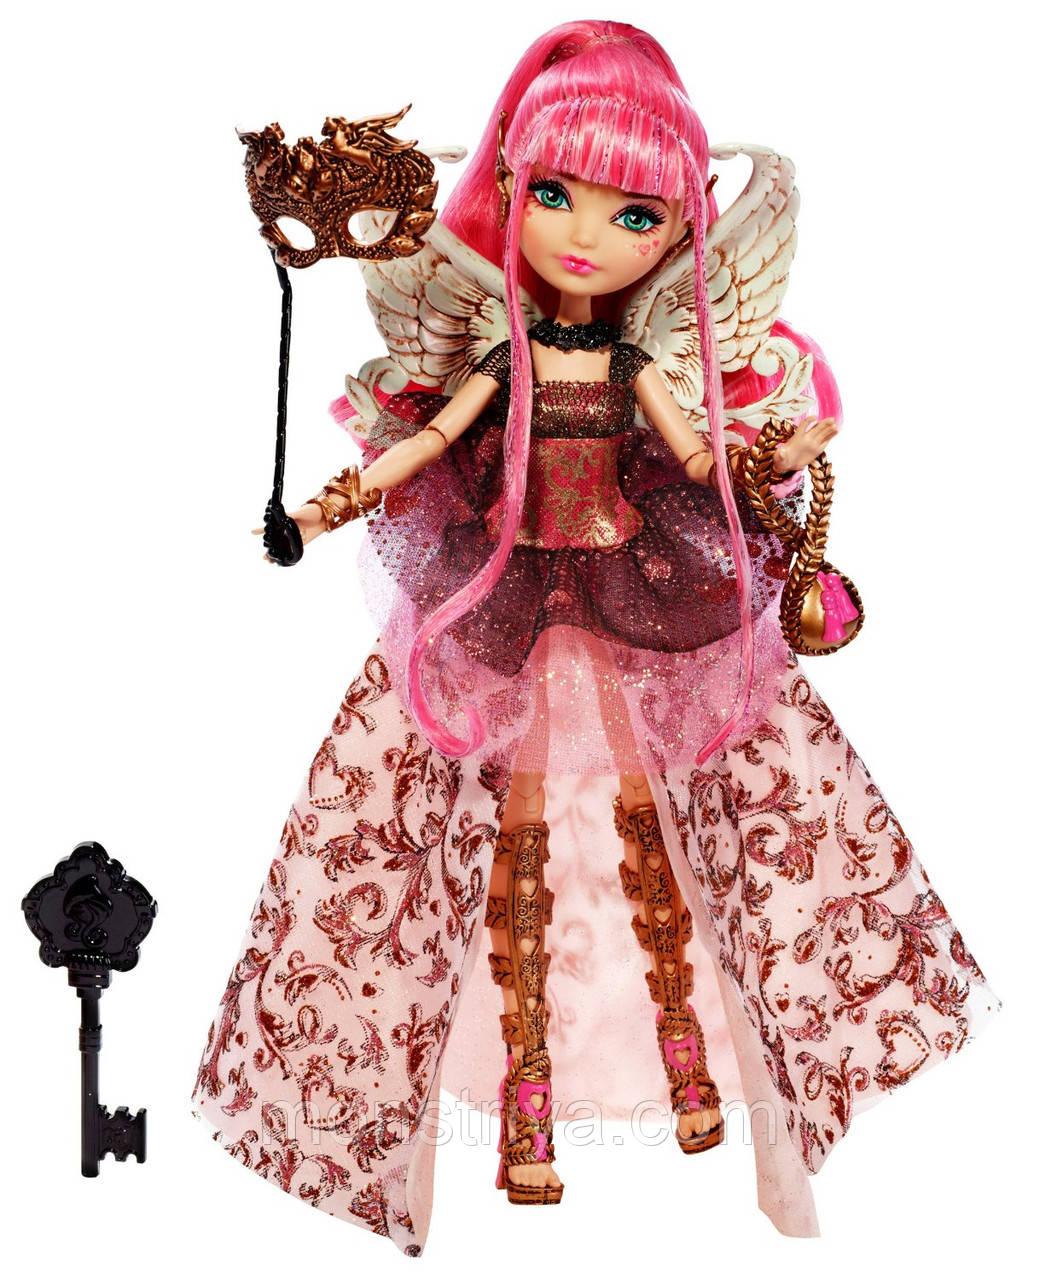 Кукла Ever After High Х.А.Купидон (C.A. Cupid) Бал Коронации Школа Долго и Счастливо